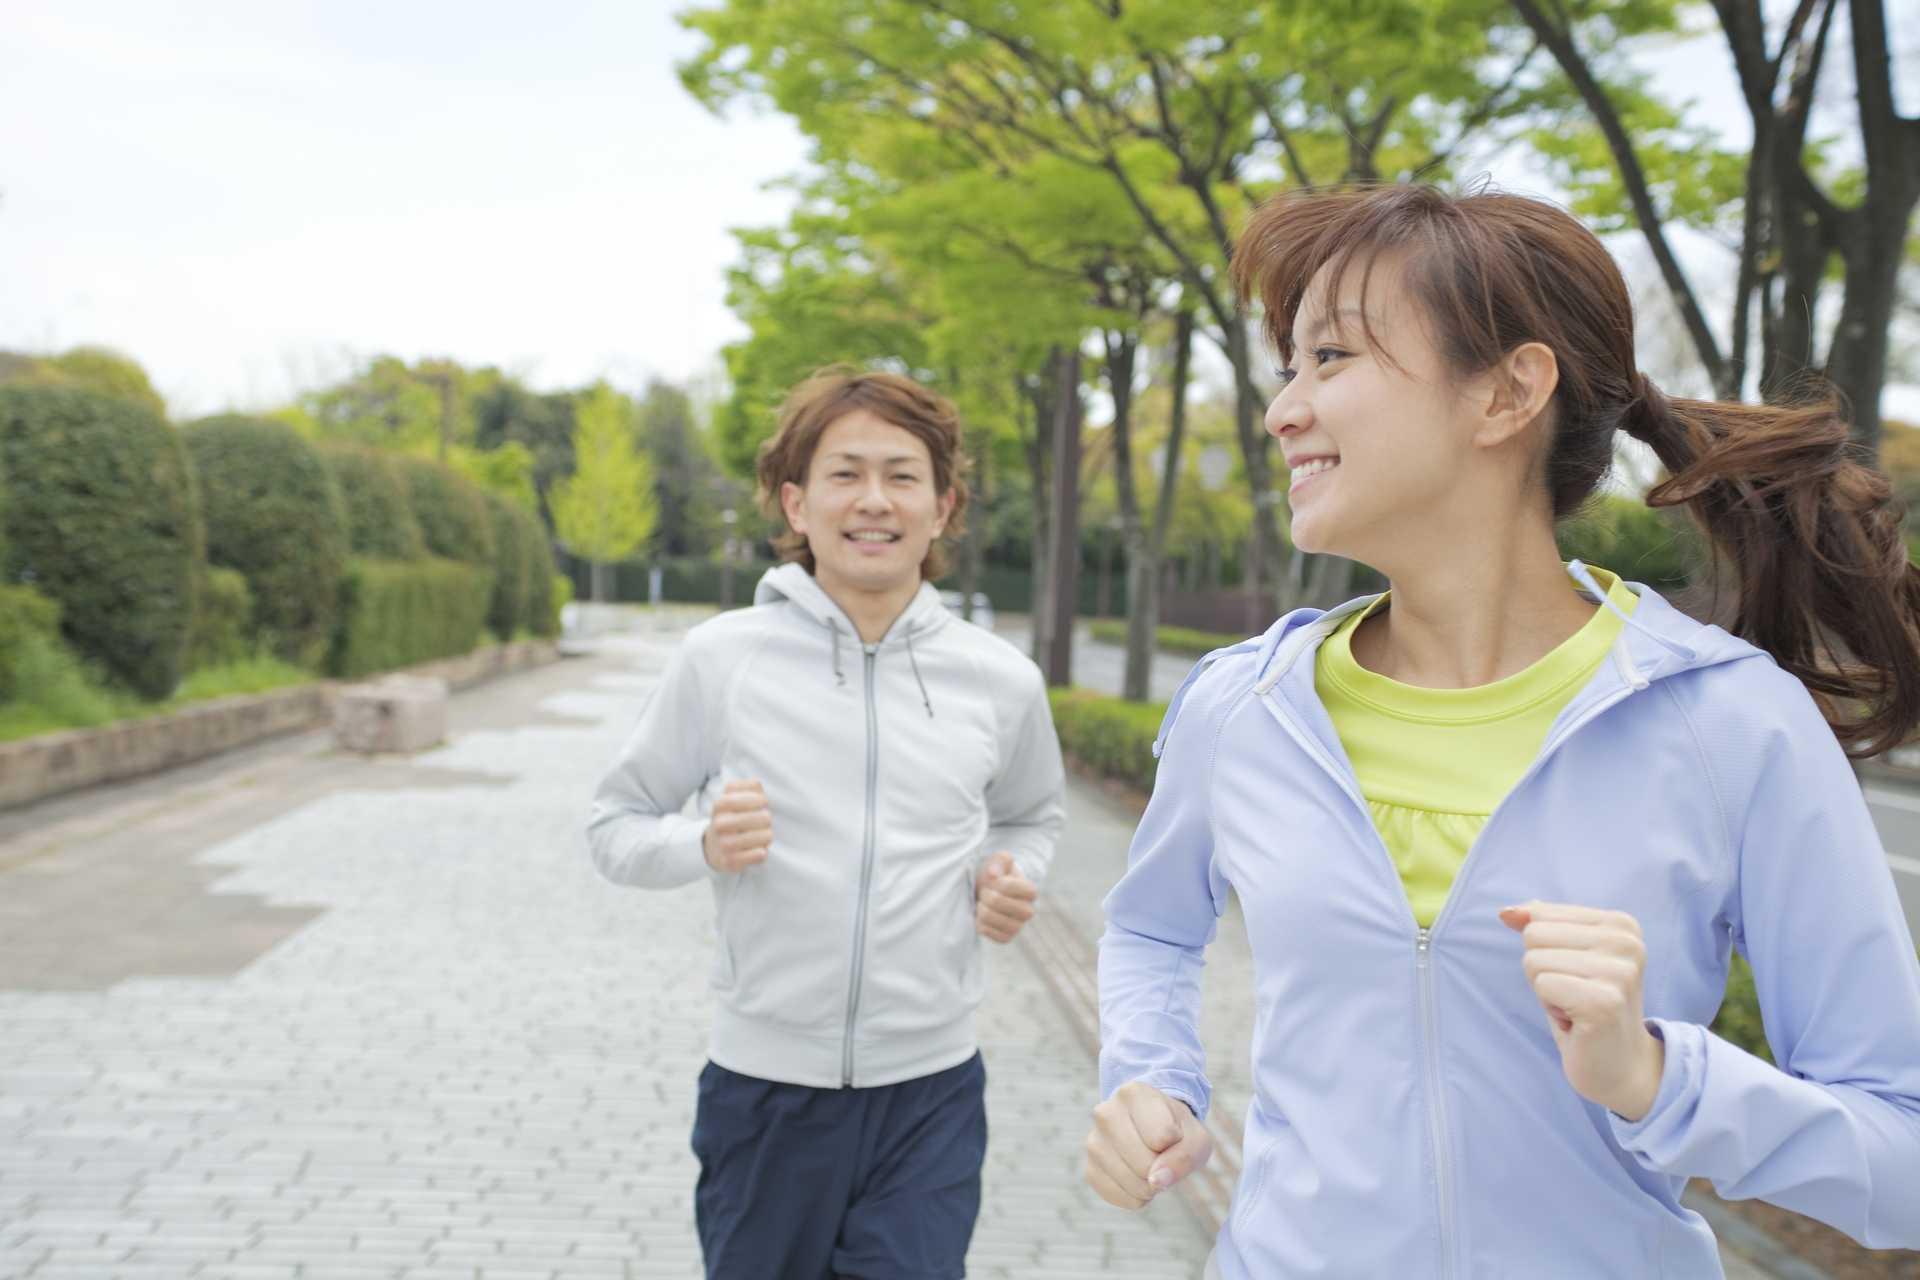 後ろ向き歩きで歩いて、体のバランスを整える。 | 脳を刺激する30の歩き方